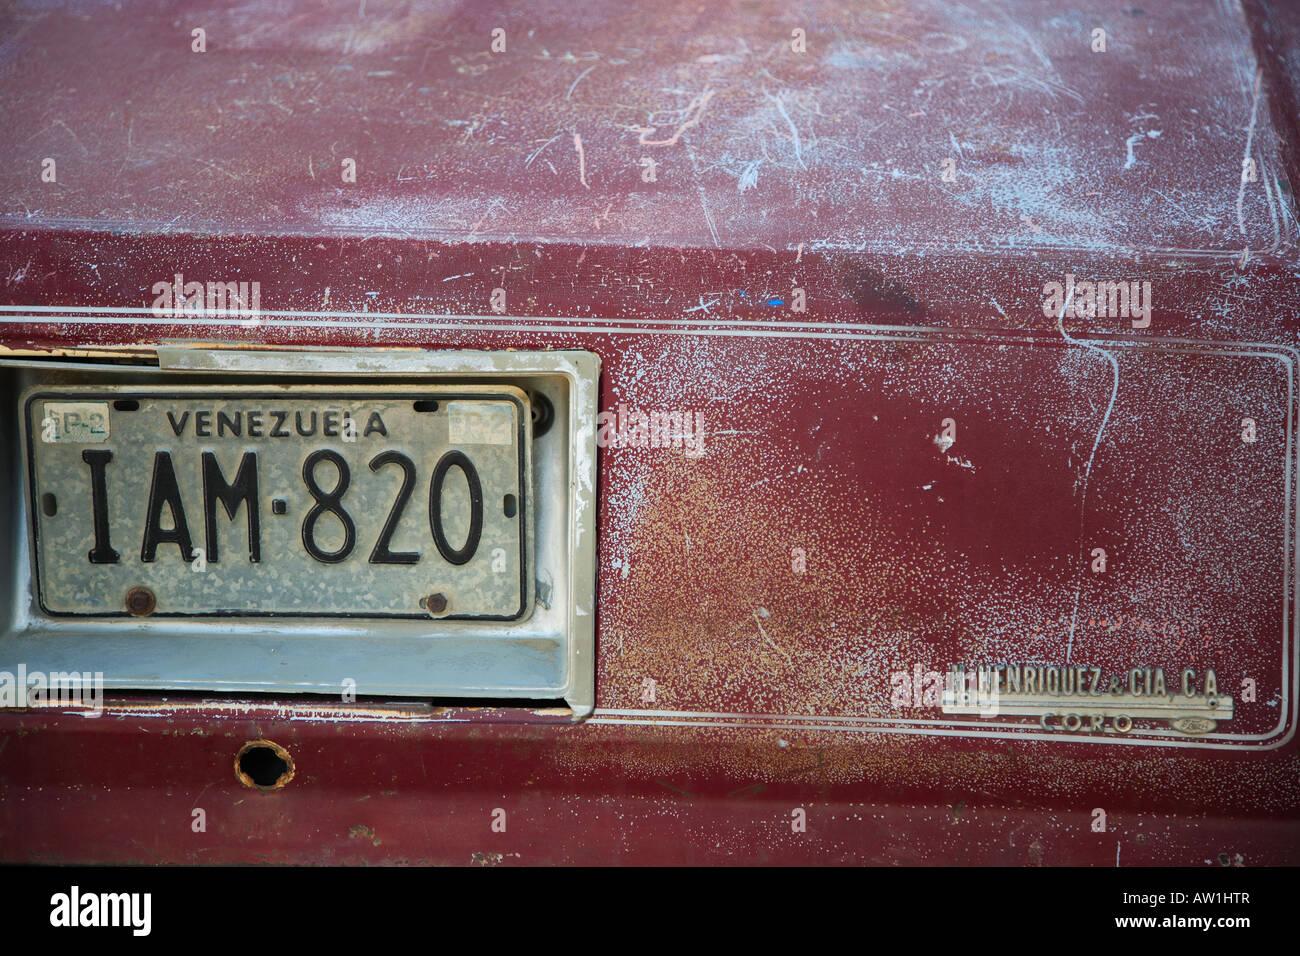 Venezuela Kennzeichen Nummernschild number plate - Stock Image